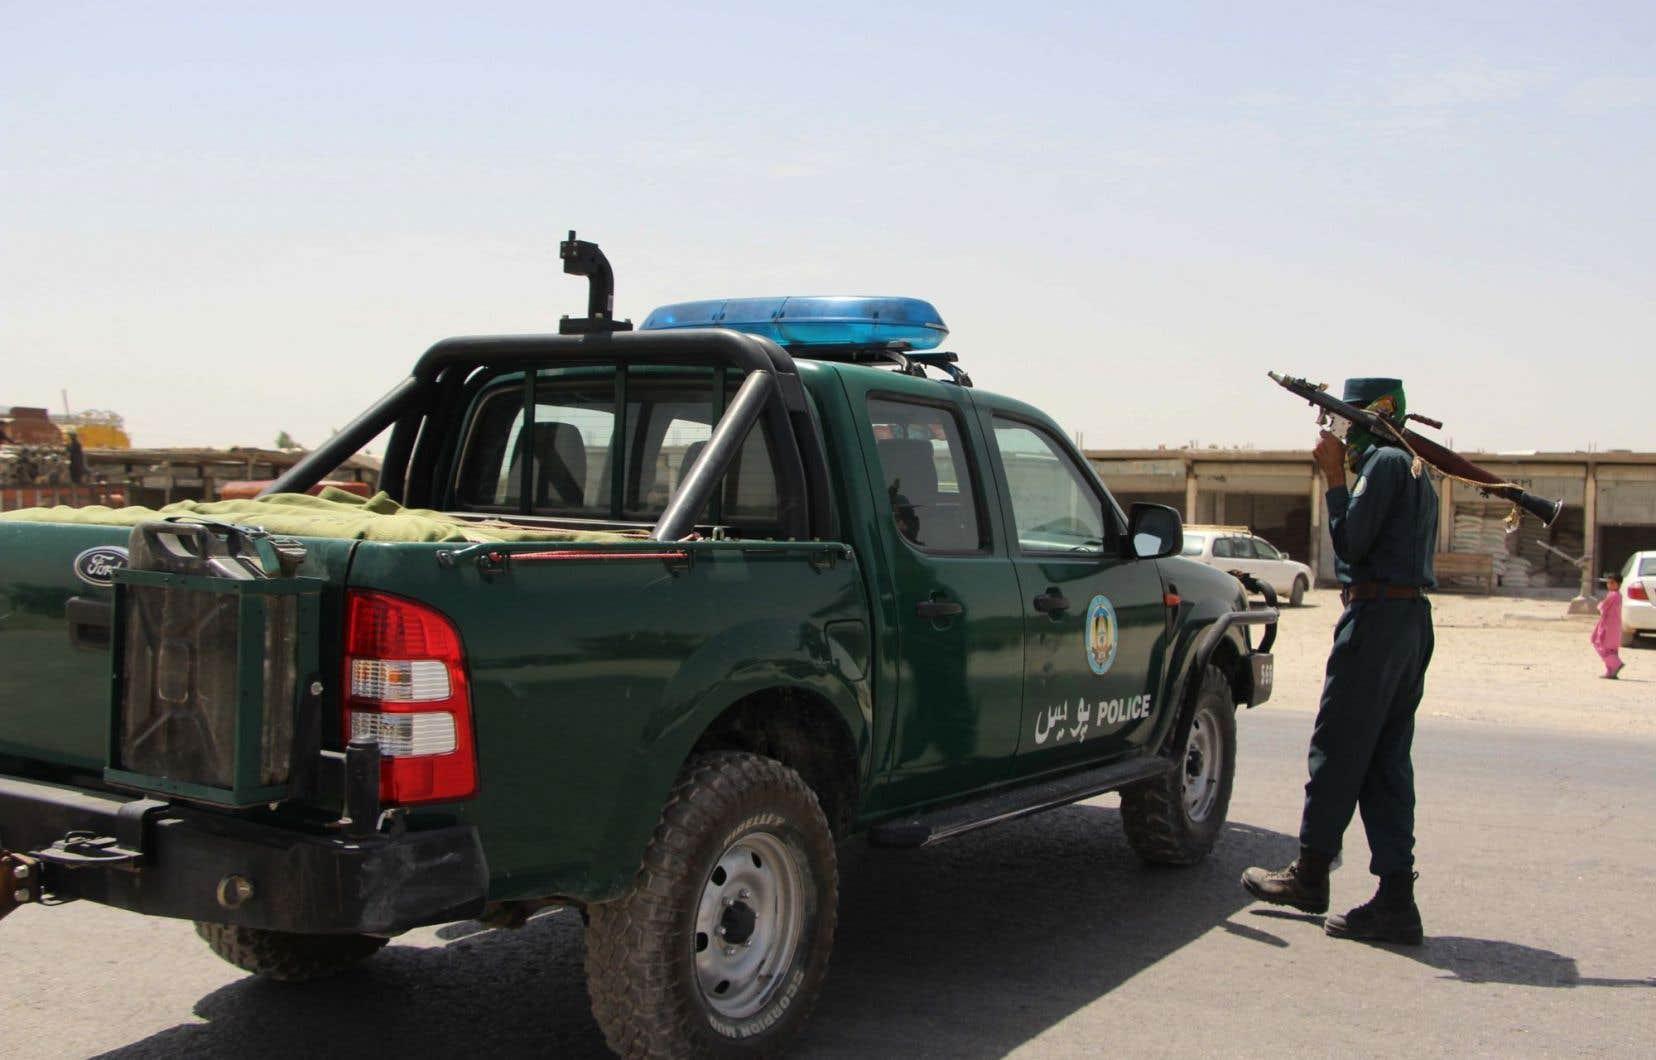 Un policier afghan détient une grenade propulsée par des roquettes (RPG) lors d'une bataille contre les militants talibans dans le district de Gereshk, au coeur de la province d'Helmand.